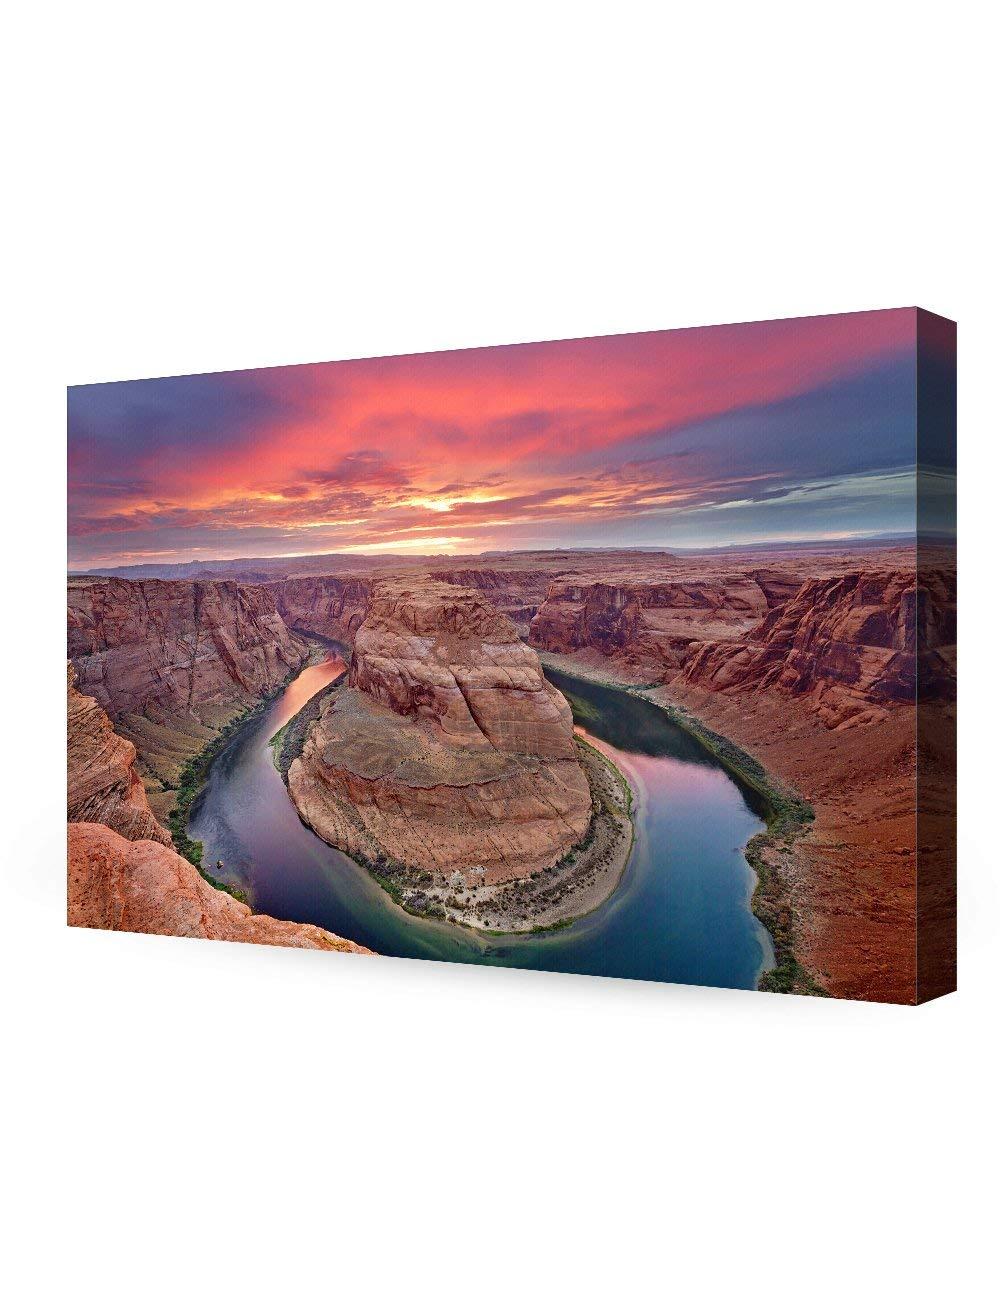 Curva de ferradura, o Grand Canyon, no Arizona. Giclée Cópias Da Lona para a Decoração Da Parede, Pronto para Pendurar o transporte Da Gota